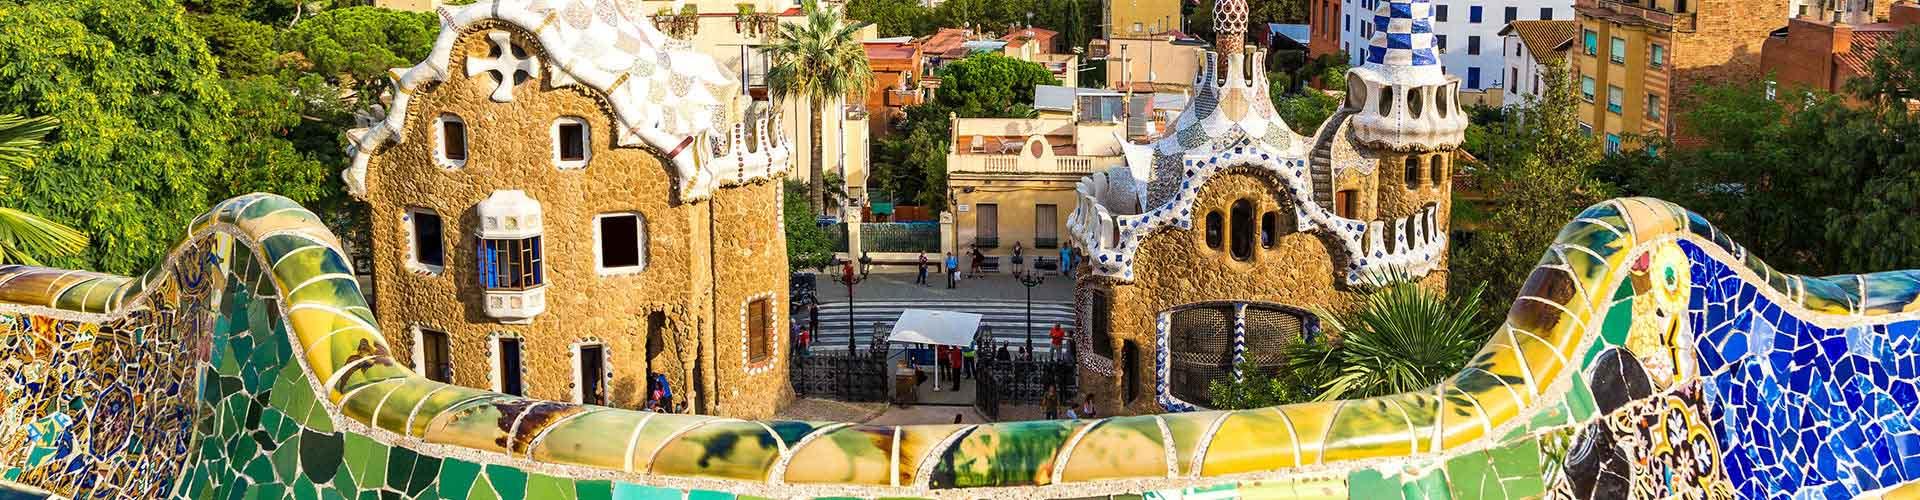 巴塞罗那 – 公园奎尔附近的露营地。巴塞罗那地图,巴塞罗那每个露营地的照片和评价。